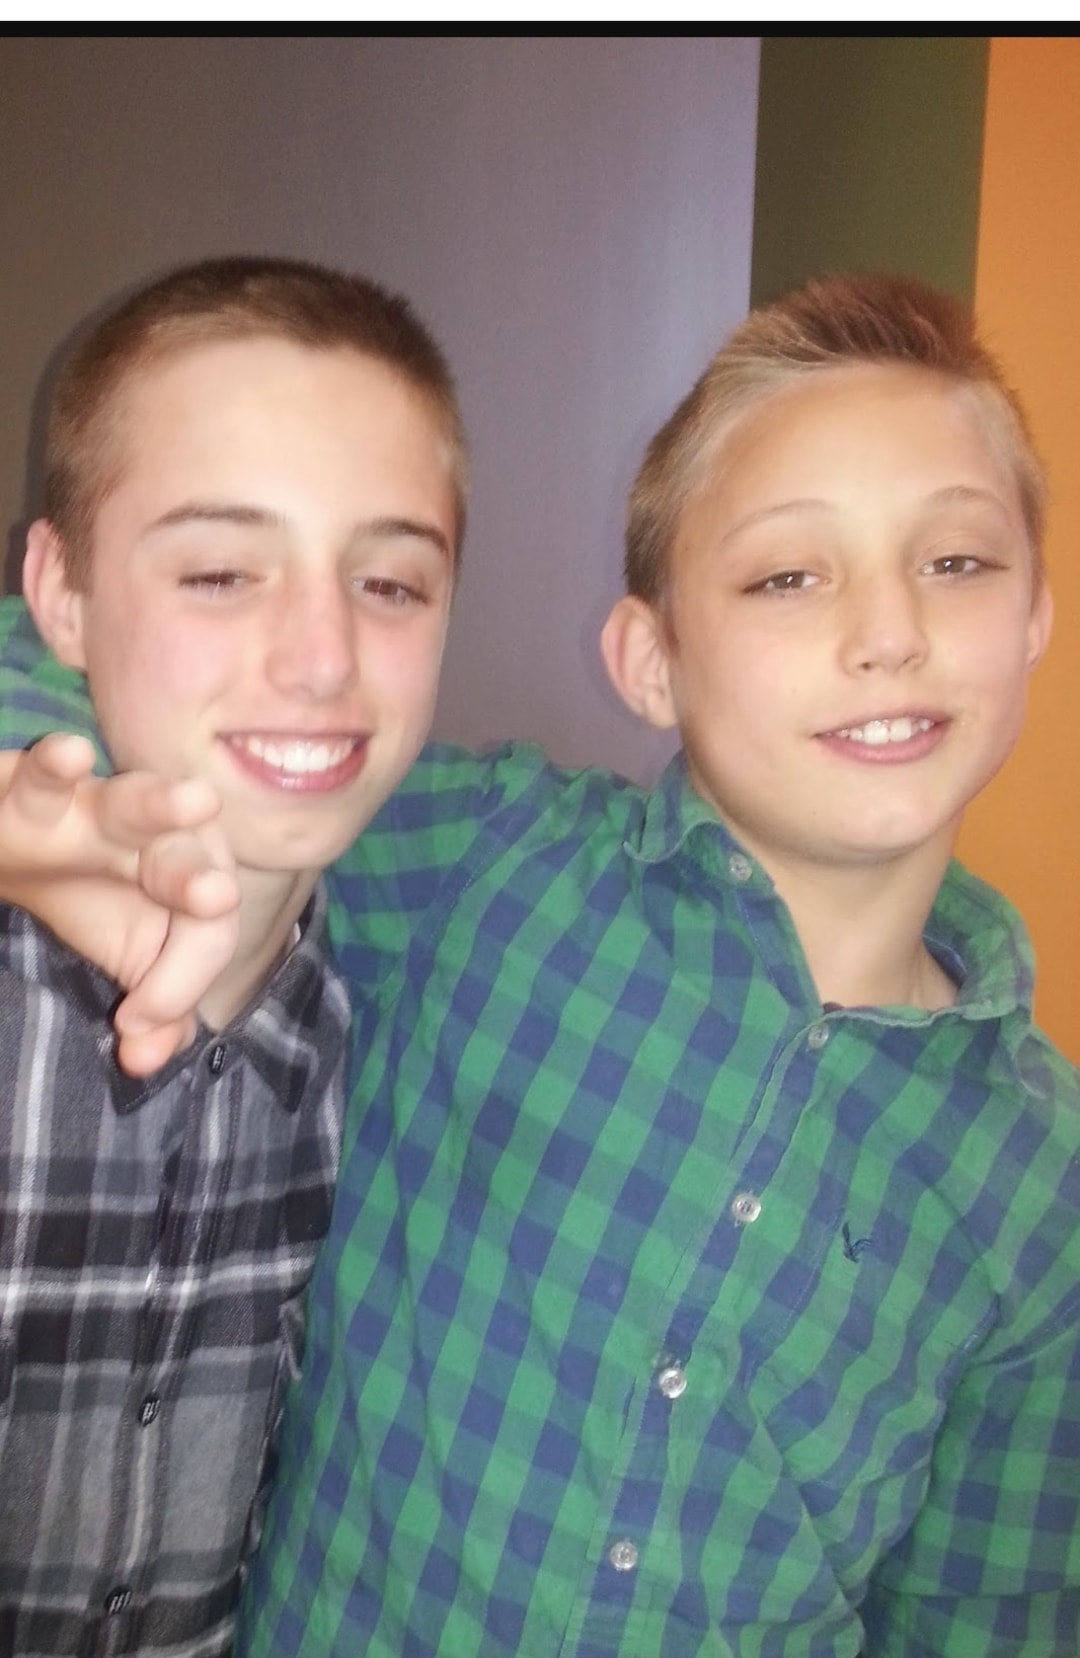 caleb and kyler